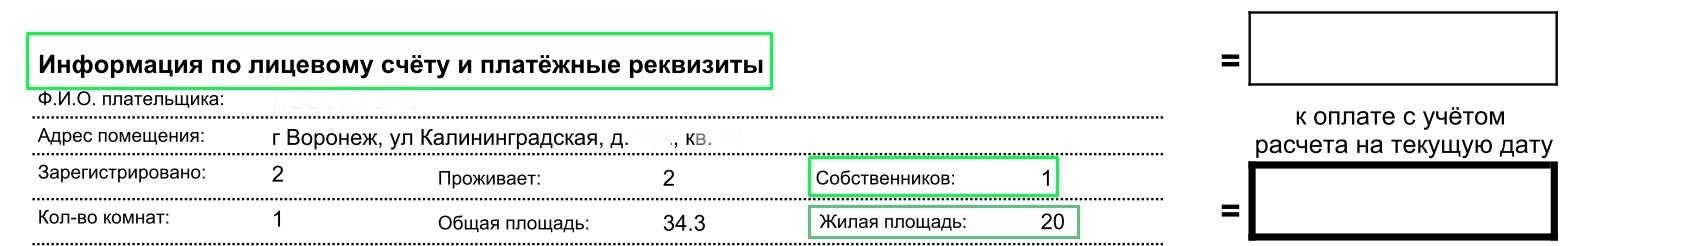 25.09.2019_Обновленные_квитанции (2.jpg